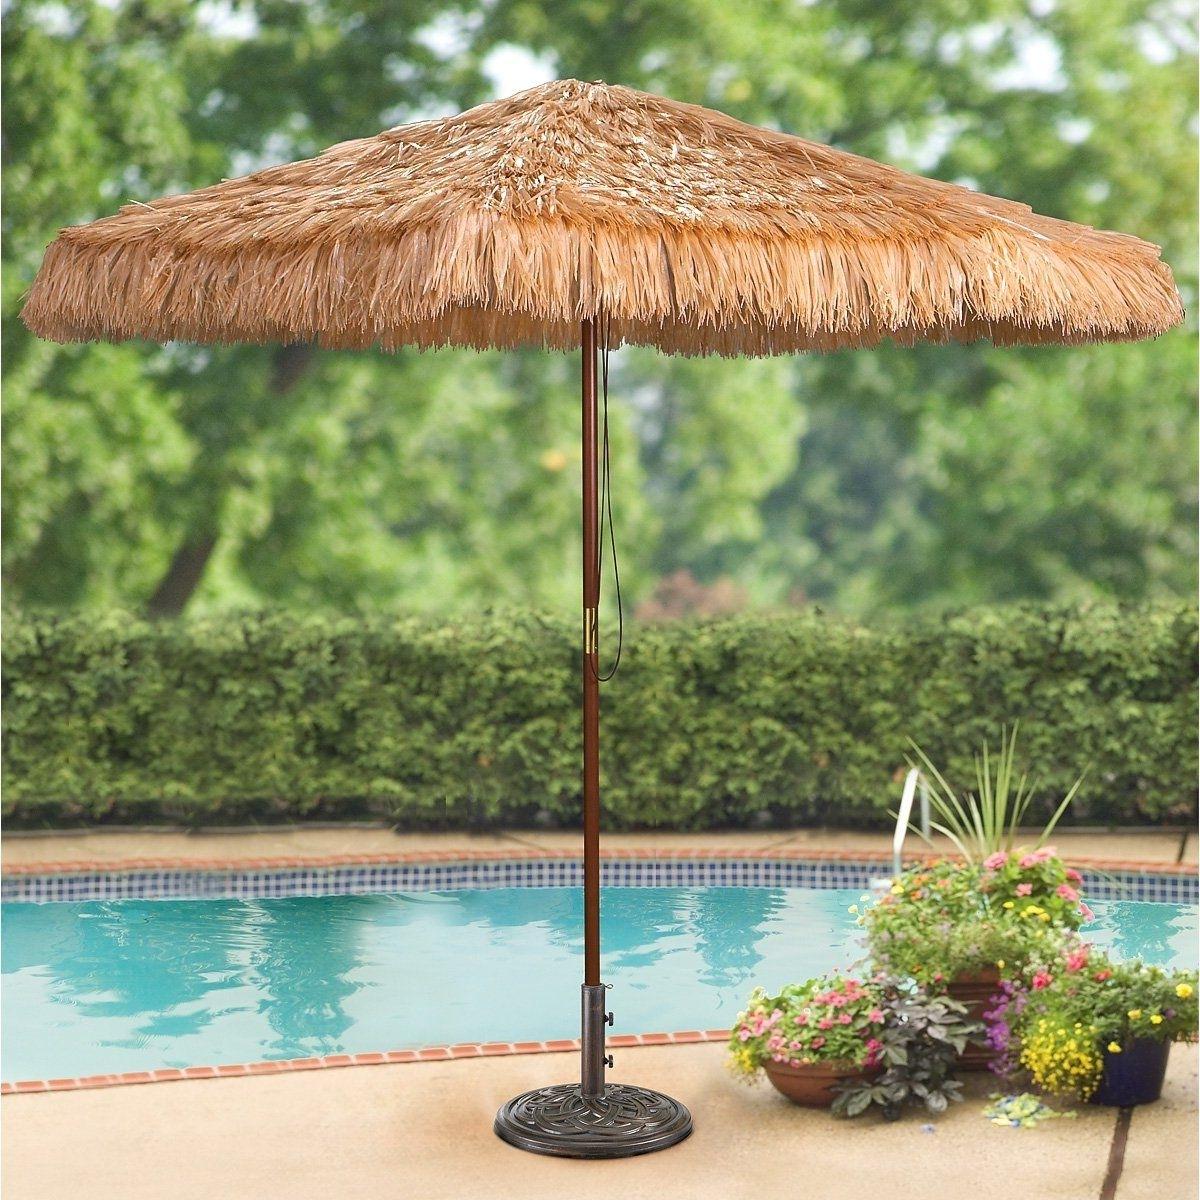 Latest Amazon Patio Umbrellas With Amazon : Castlecreek 9 Foot Thatched Tiki Umbrella : Patio (View 3 of 20)